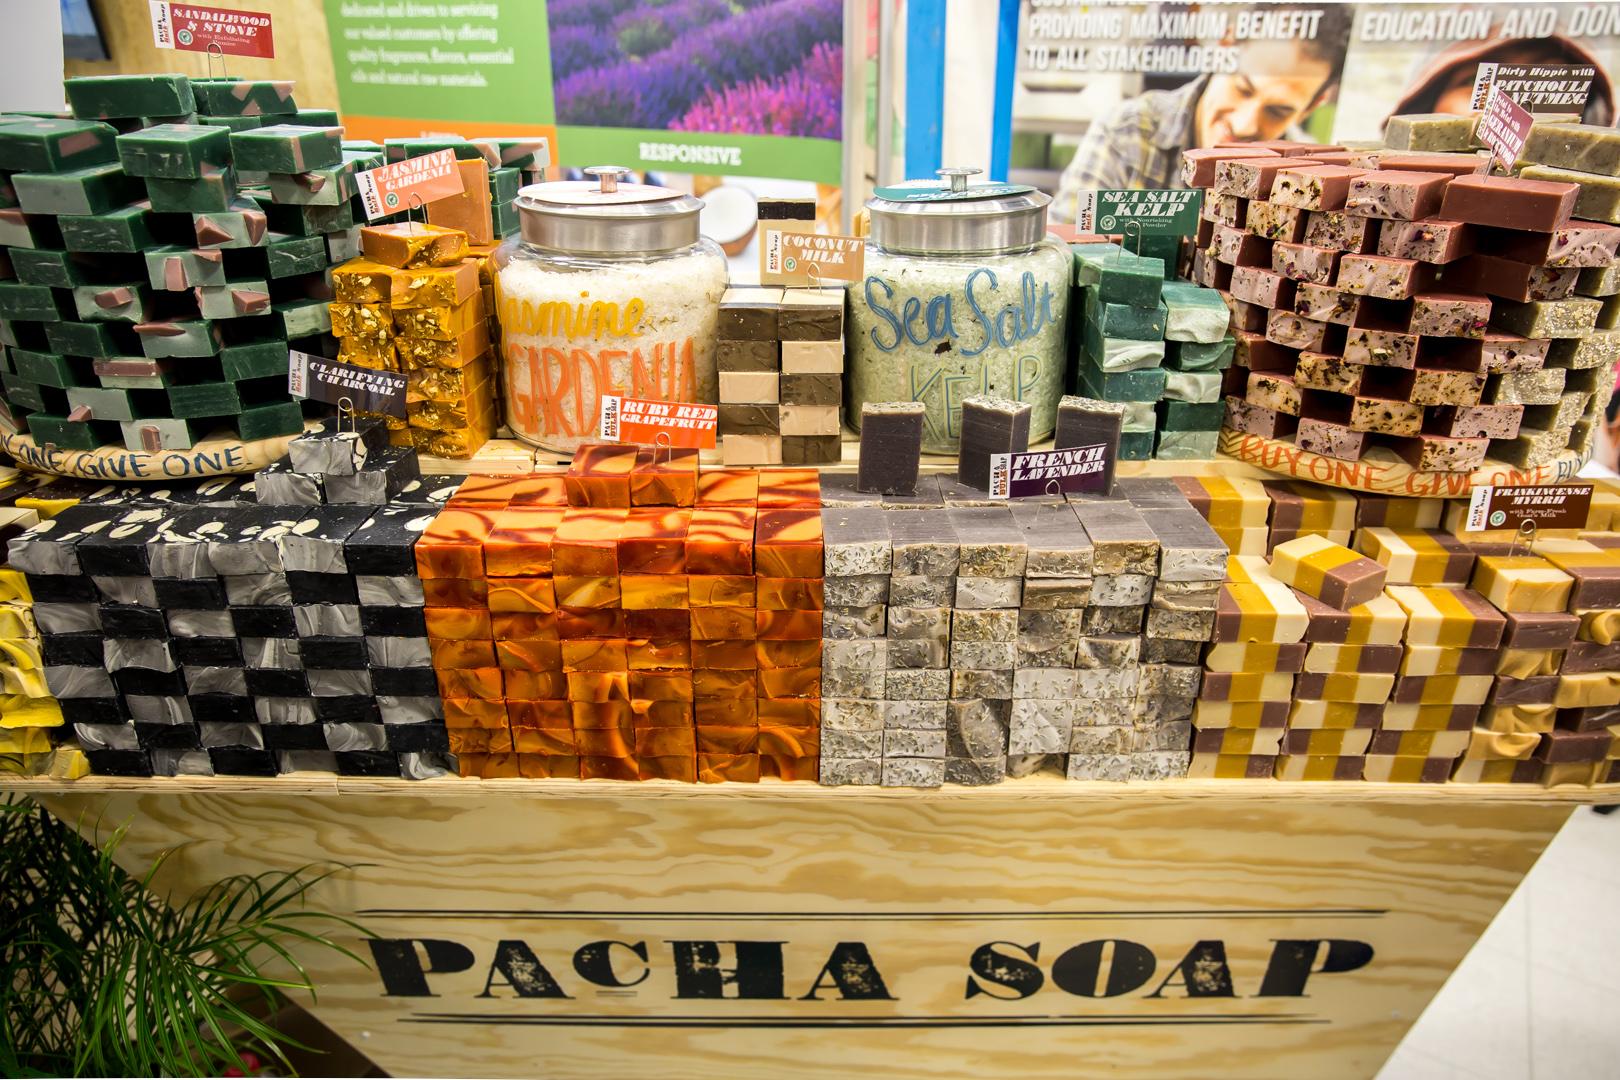 石鹸を1つ購入することで、石鹸を必要としている発展途上国の人たちに1つ石鹸が配られるほか、それらの国における石鹸作りの仕事も生み出すというユニークな取り組みをする「PACHA SOAP」(ネブラスカ州)